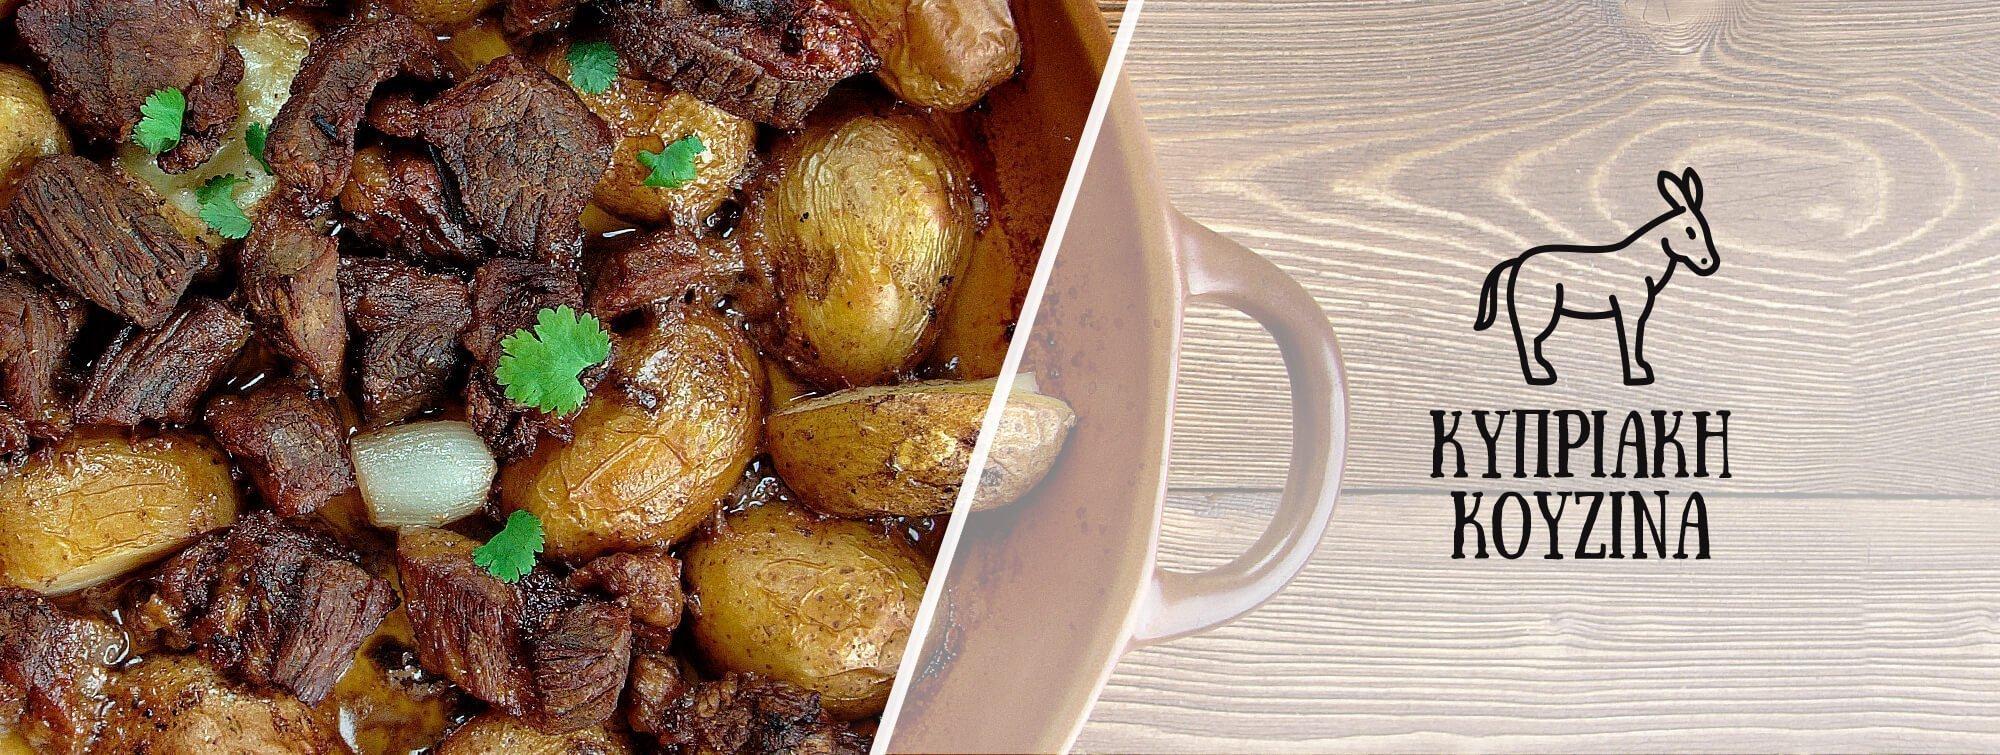 Νέα κυπριακή κουζίνα, με αγαπημένες γεύσεις και μυρωδιές!